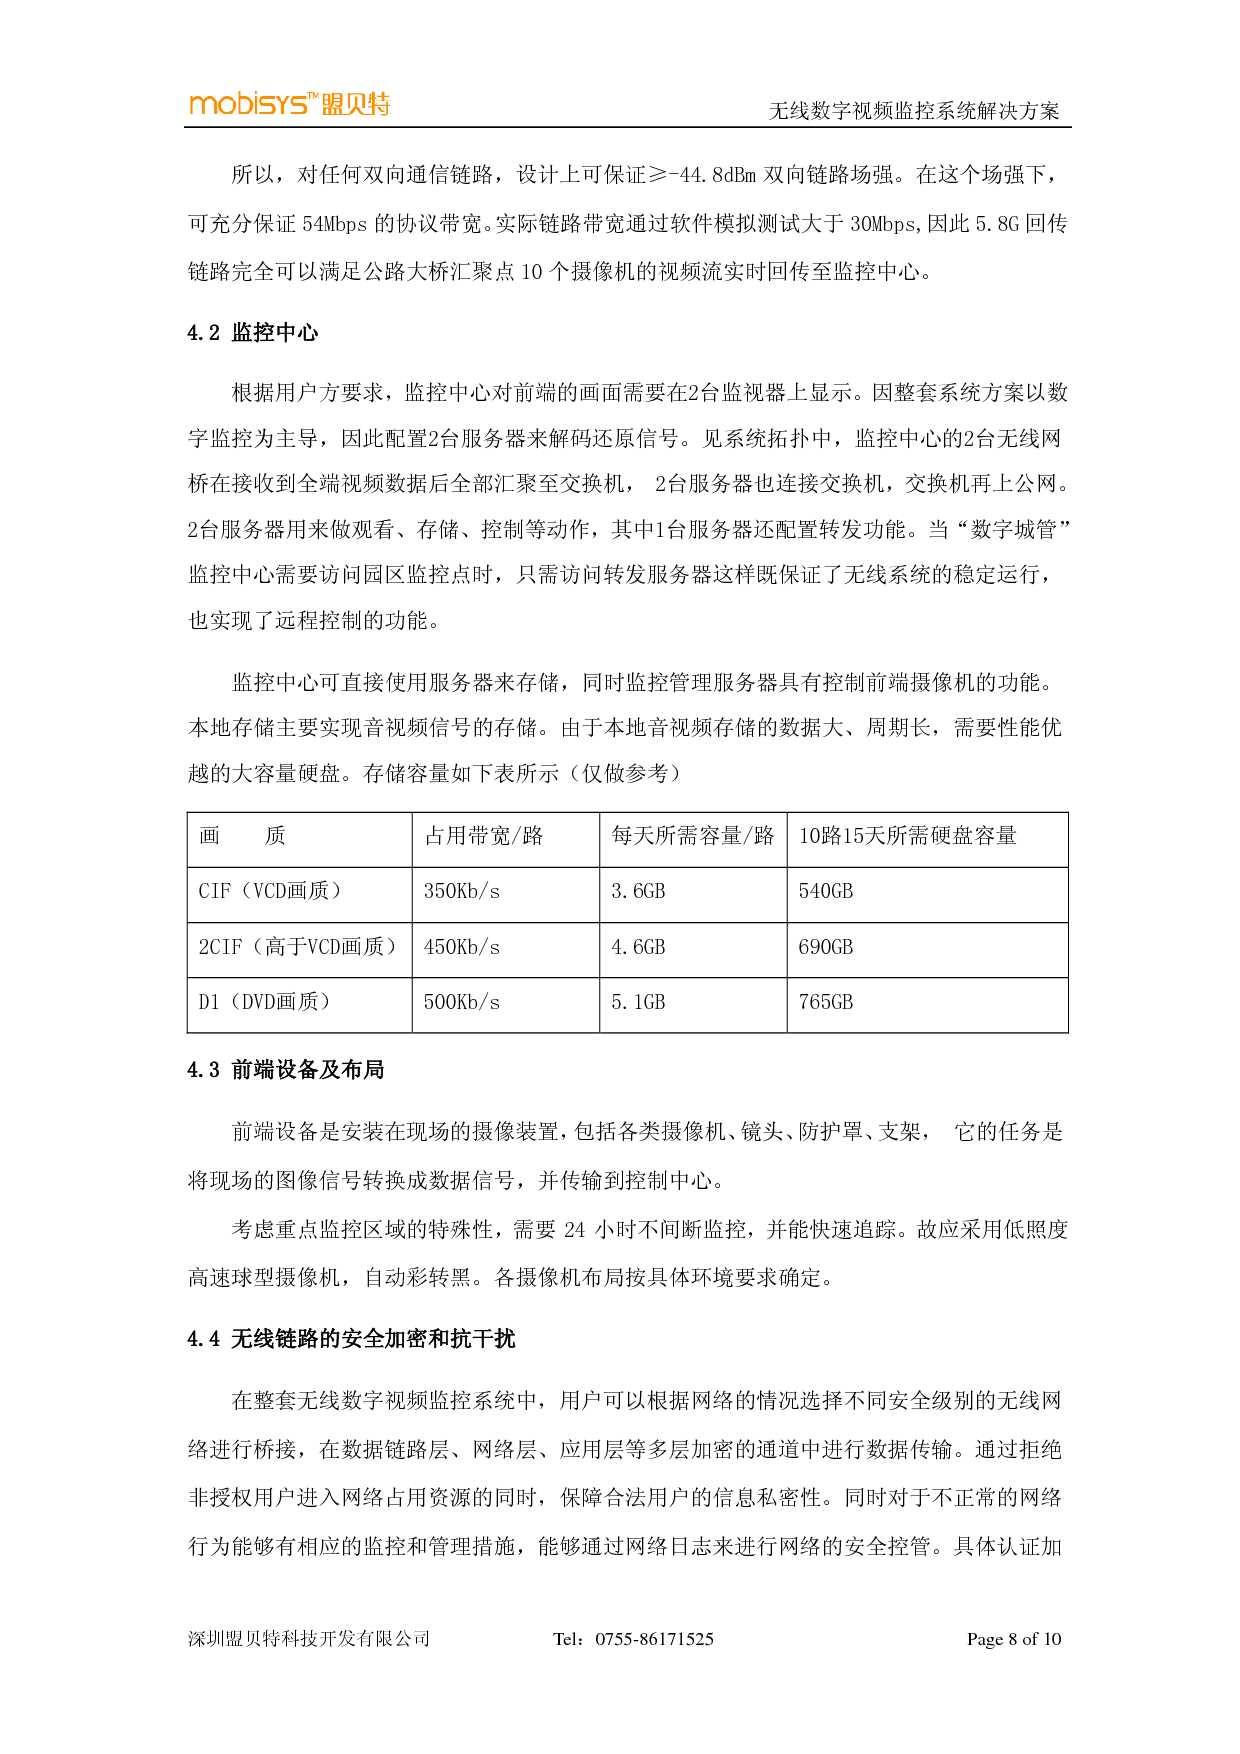 哈尔滨九站数字视频视频广告监控系统公园无线英文图片